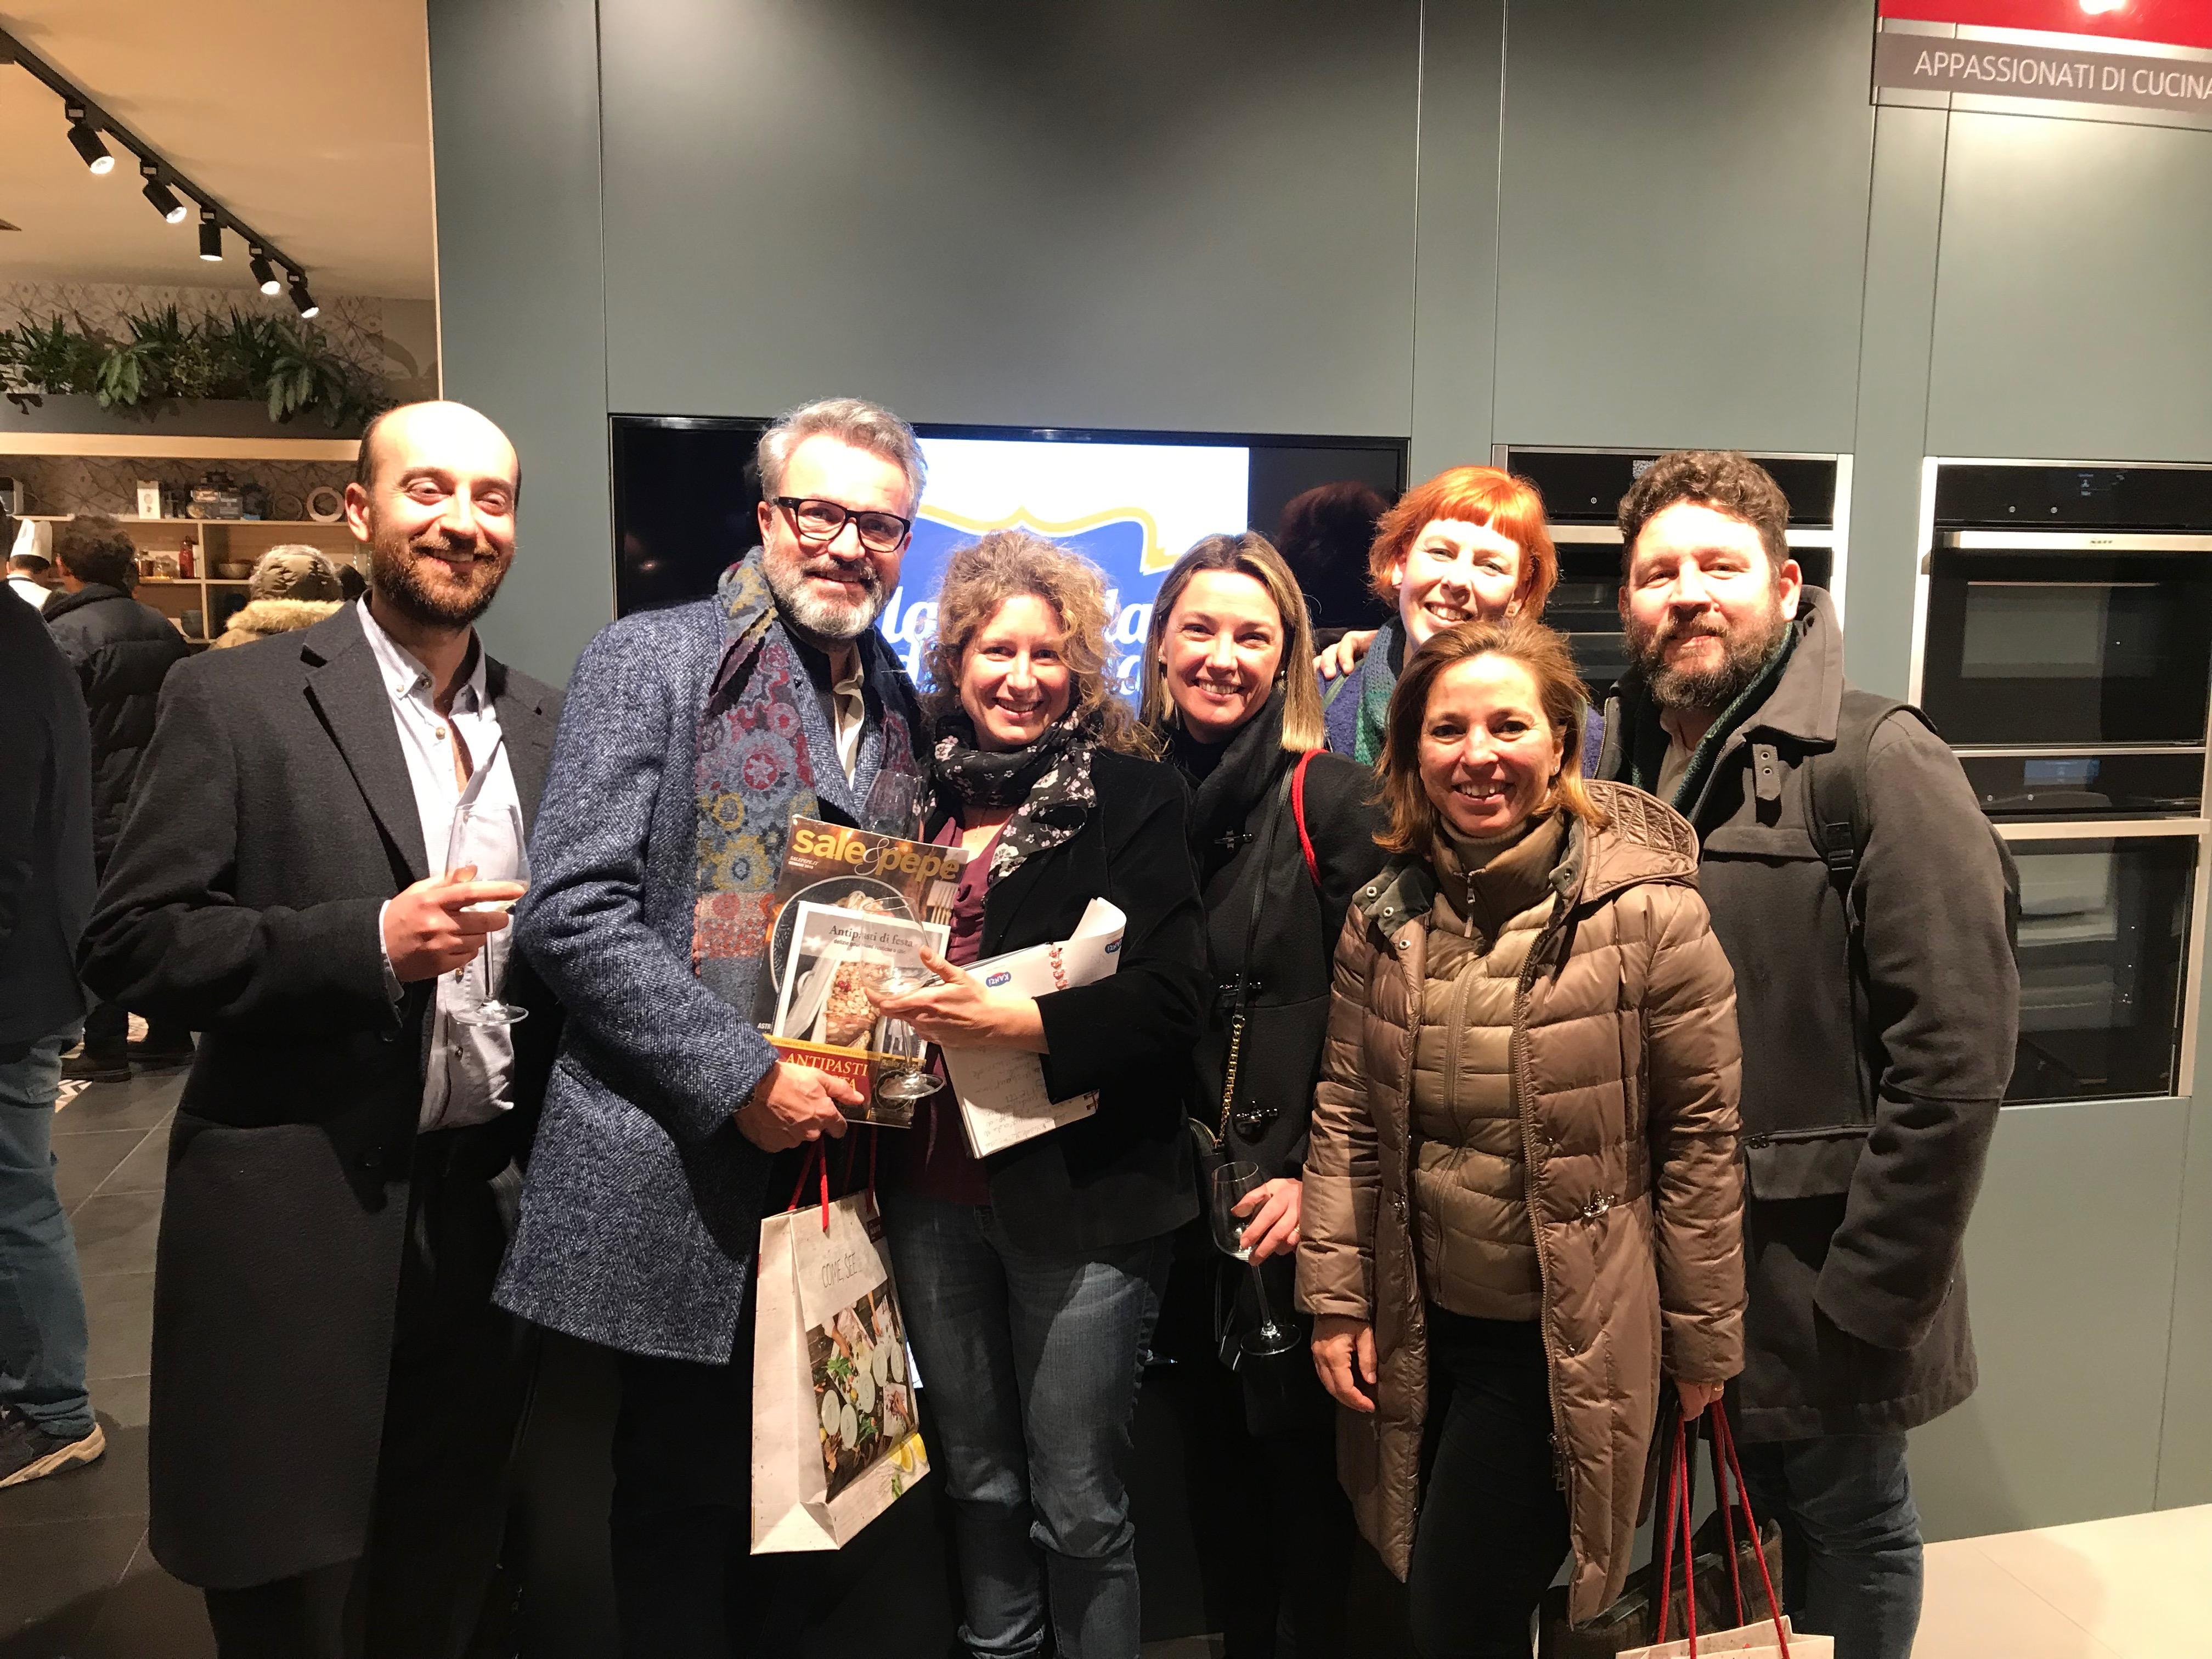 Sale&Pepe - scuola di cucina - Il gruppo di foodblogger invitati all'inaugurazione tra cui Van For Food